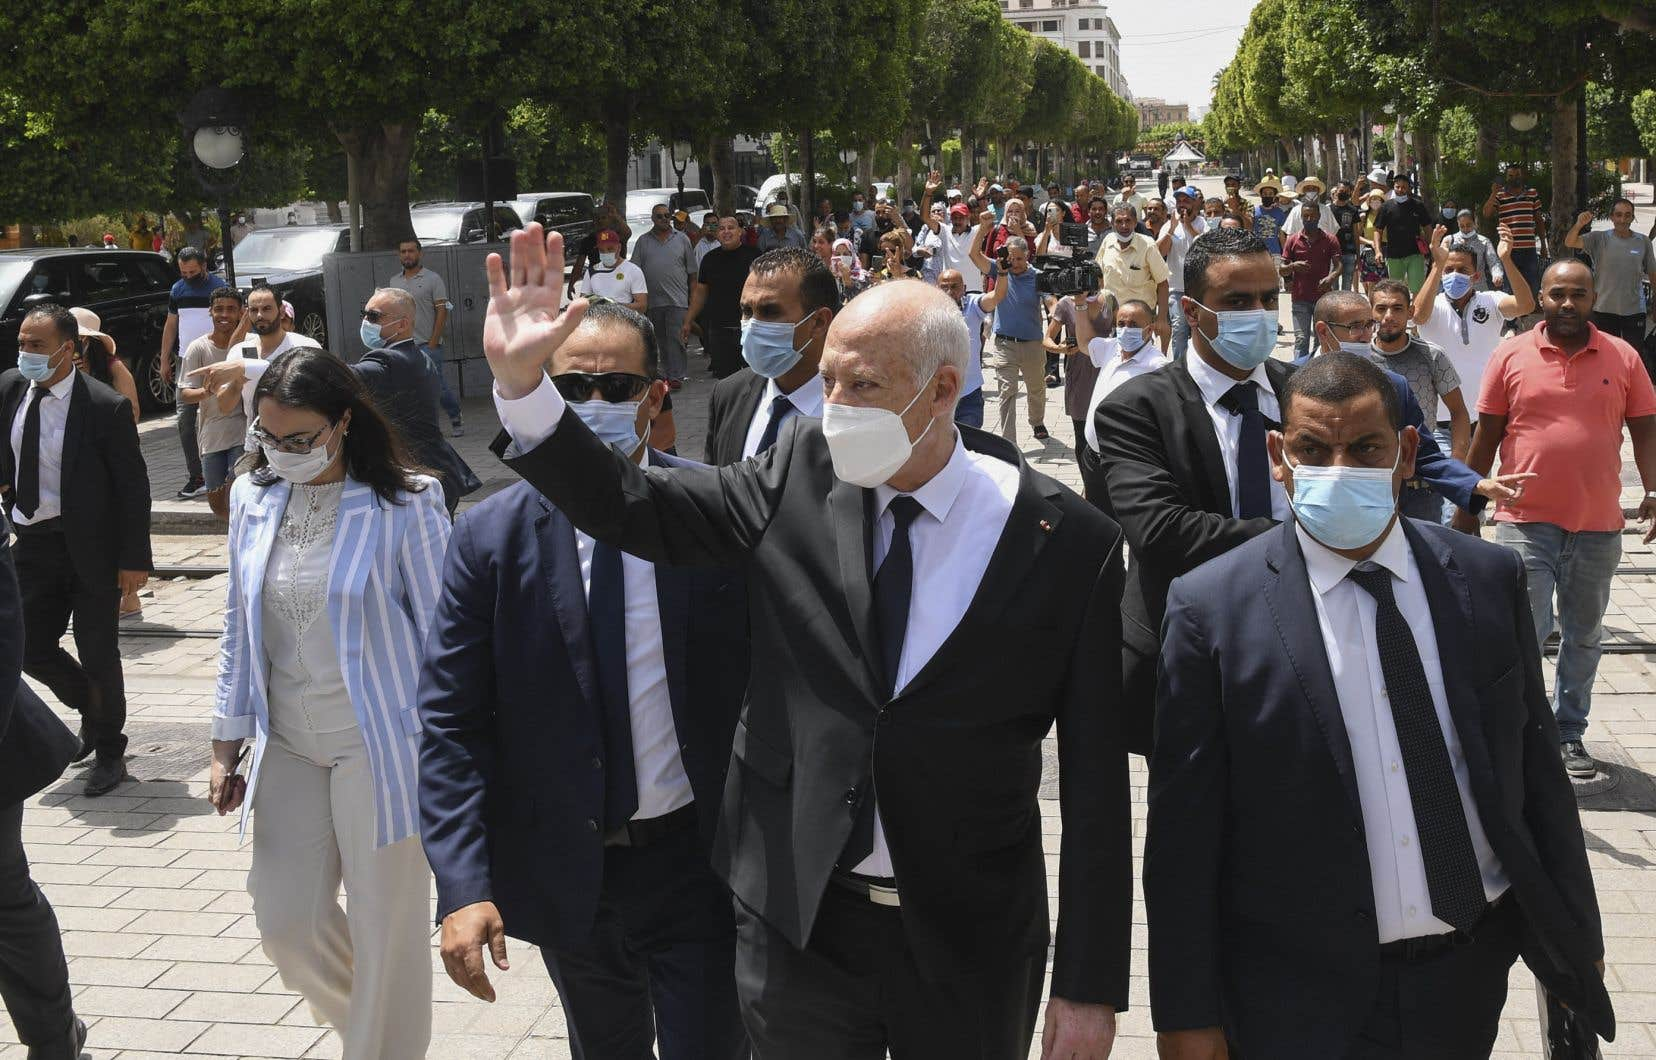 Théoricien du droit, Kais Saied se présente depuis son arrivée au pouvoir en 2019 comme l'interprète ultime de la Constitution.